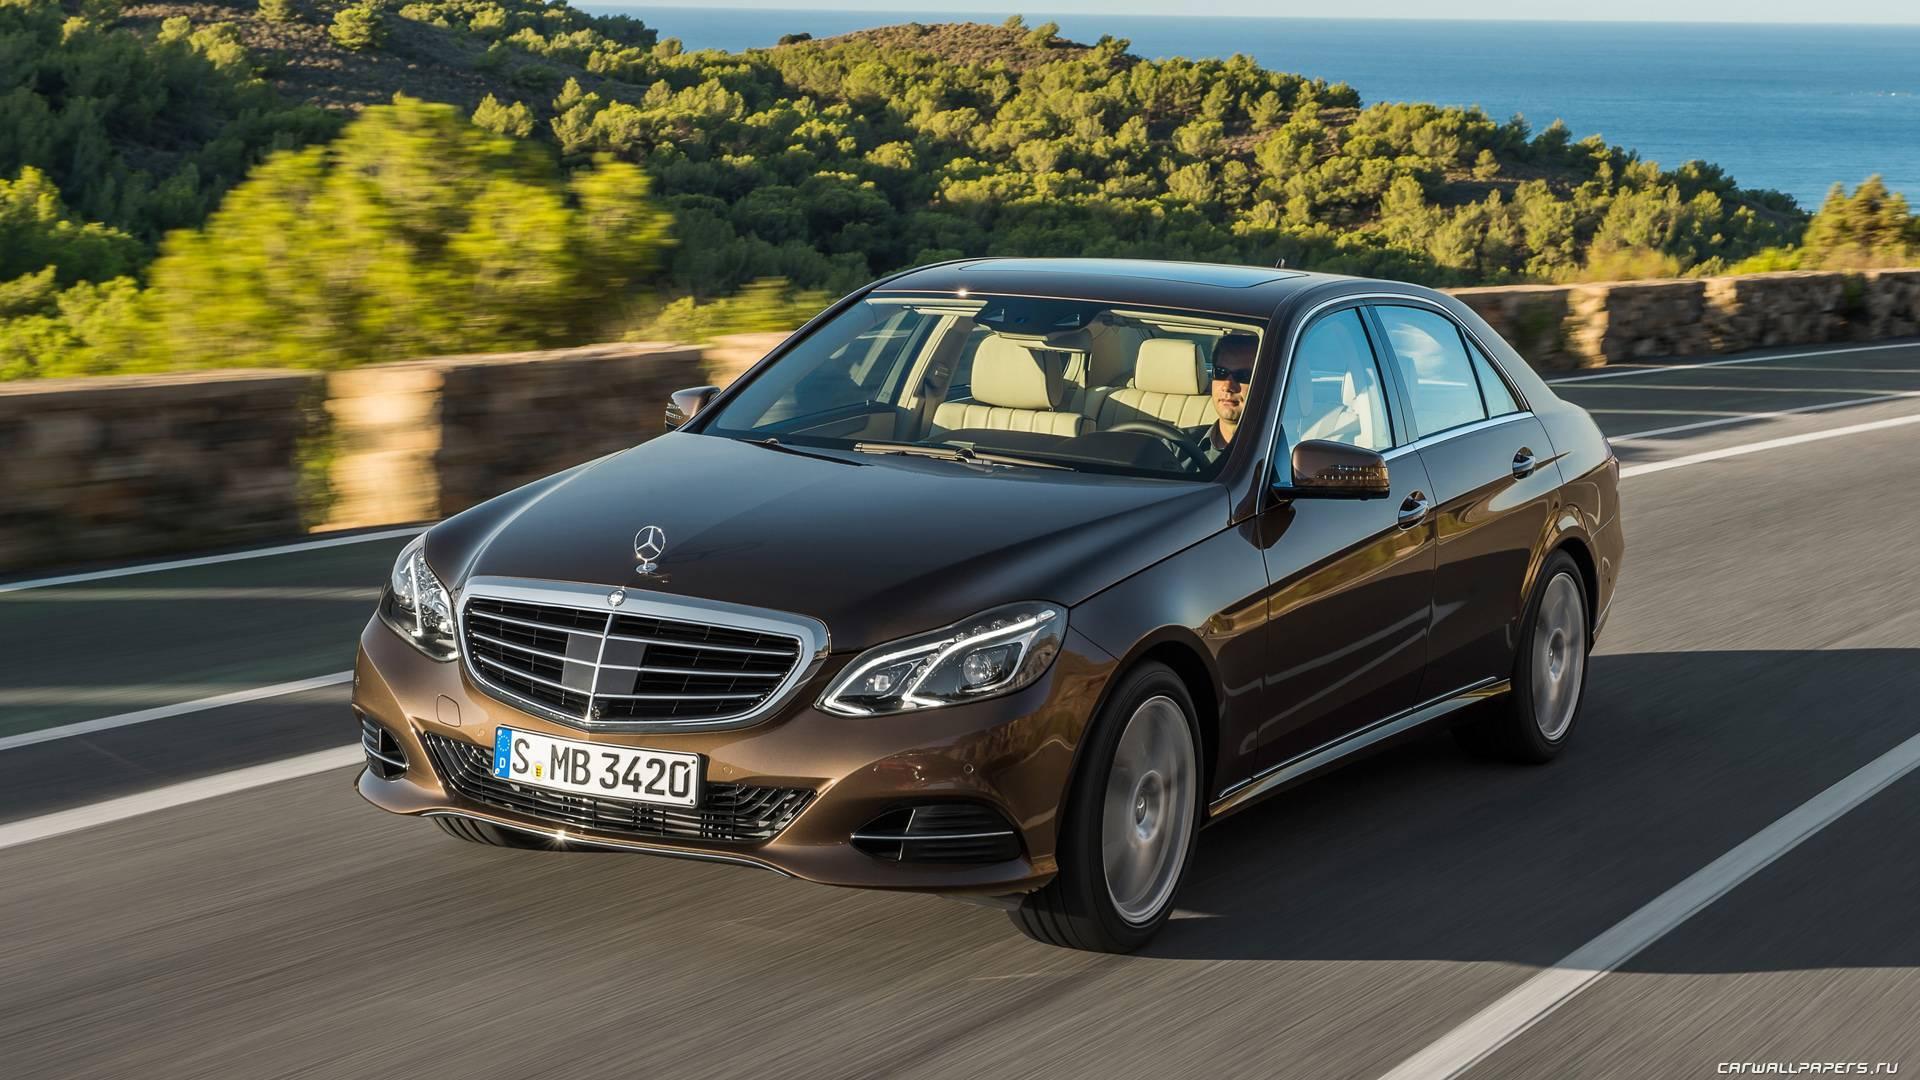 Роскошь не без изъянов: плюсы и минусы Mercedes-Benz E-klasse IV (W212)